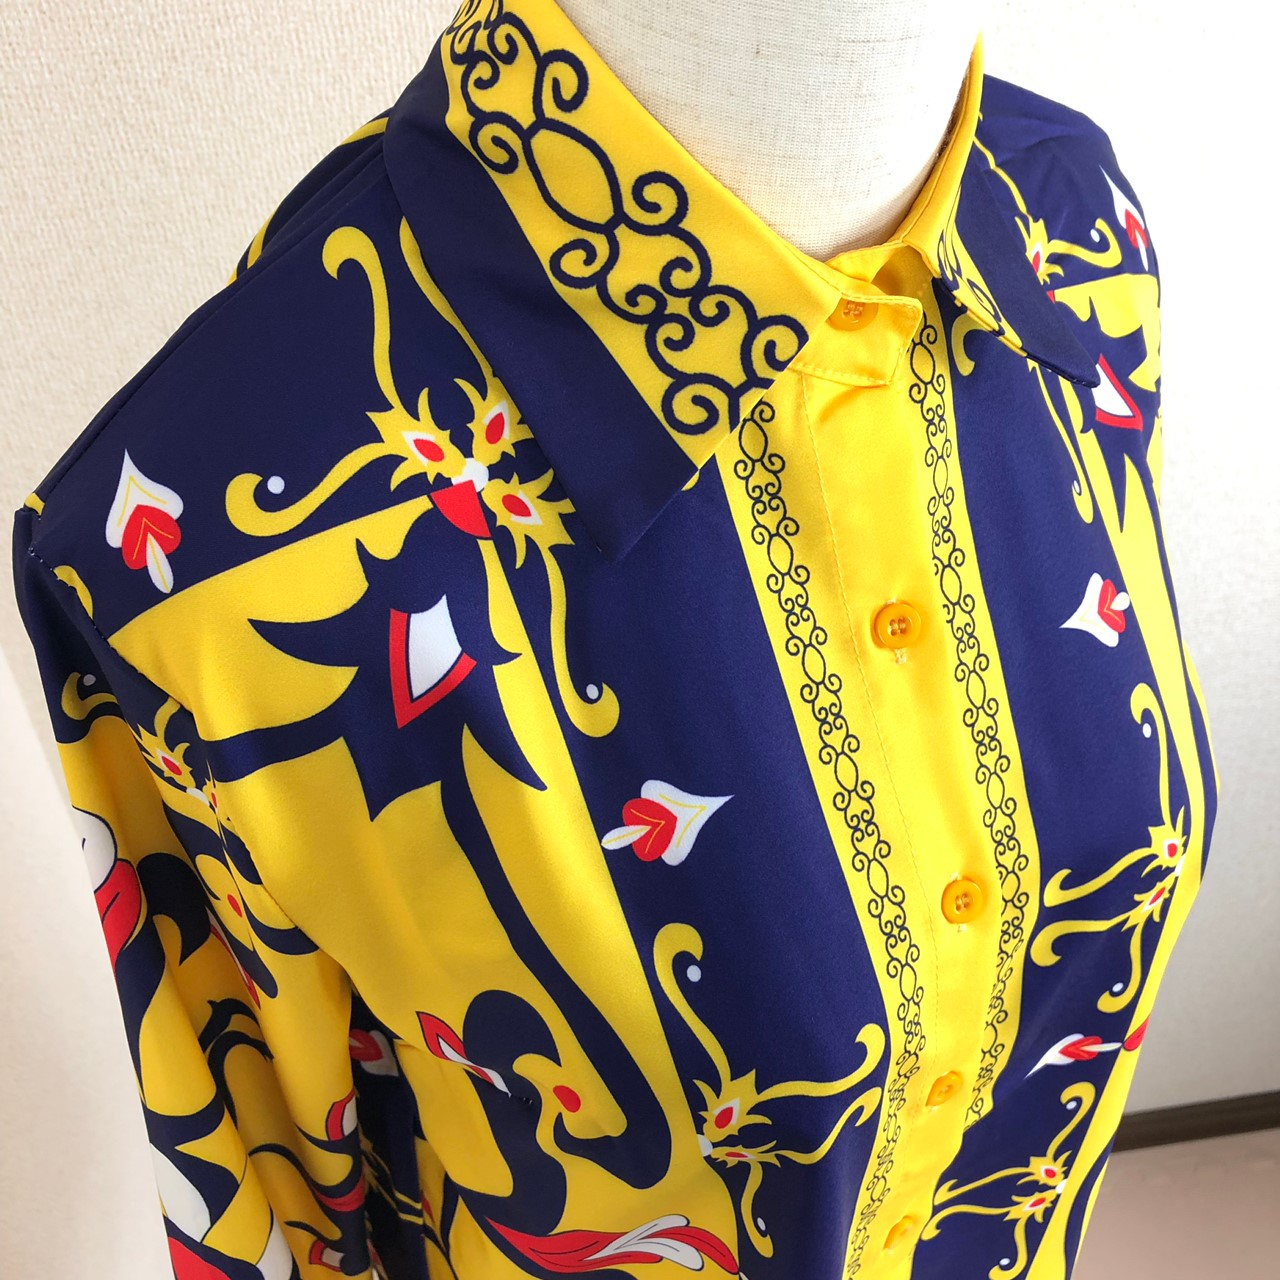 韓国 ファッション トップス ブラウス シャツ 秋 冬 パーティー ブライダル PTXD351  ビビッド レトロ オリエンタル スカーフ柄 ドレス オフィス 二次会 セレブ きれいめの写真16枚目